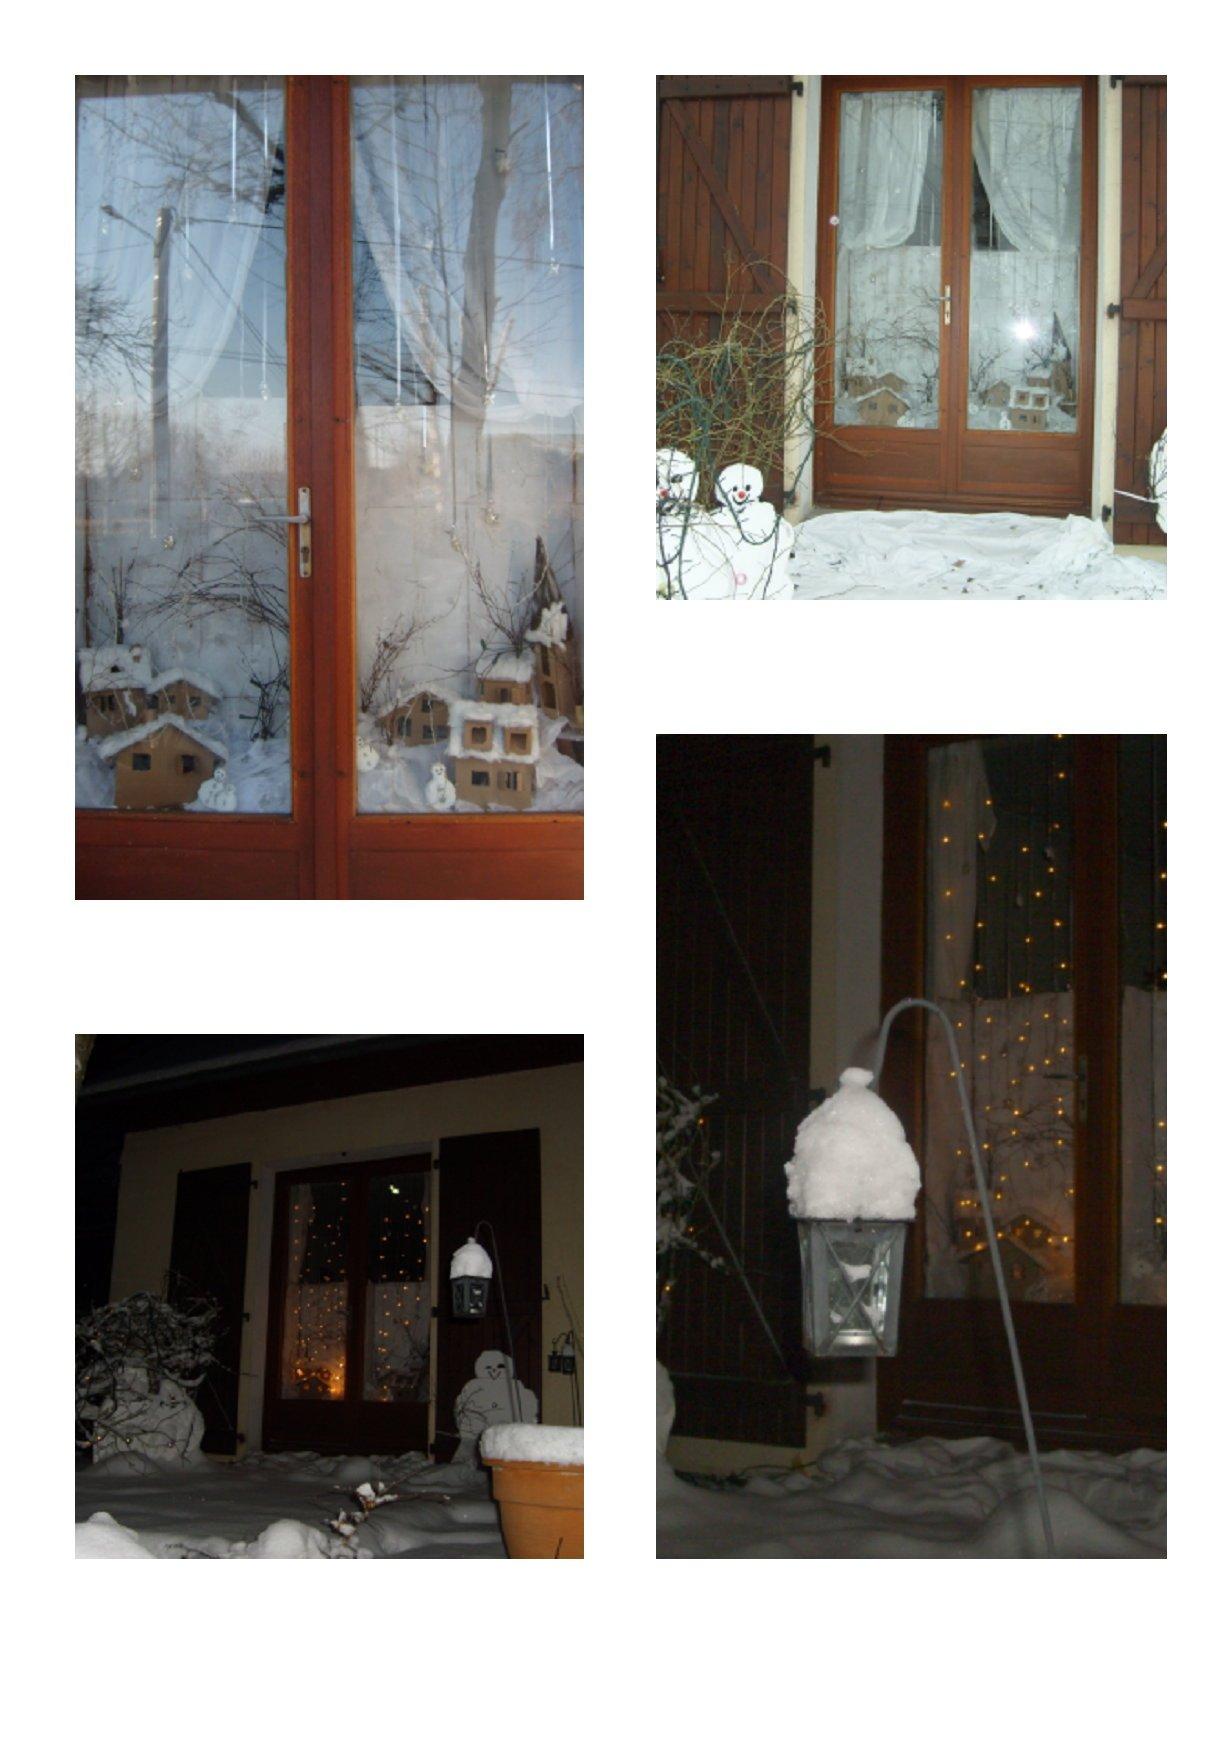 vitrineilluminations2009.jpg